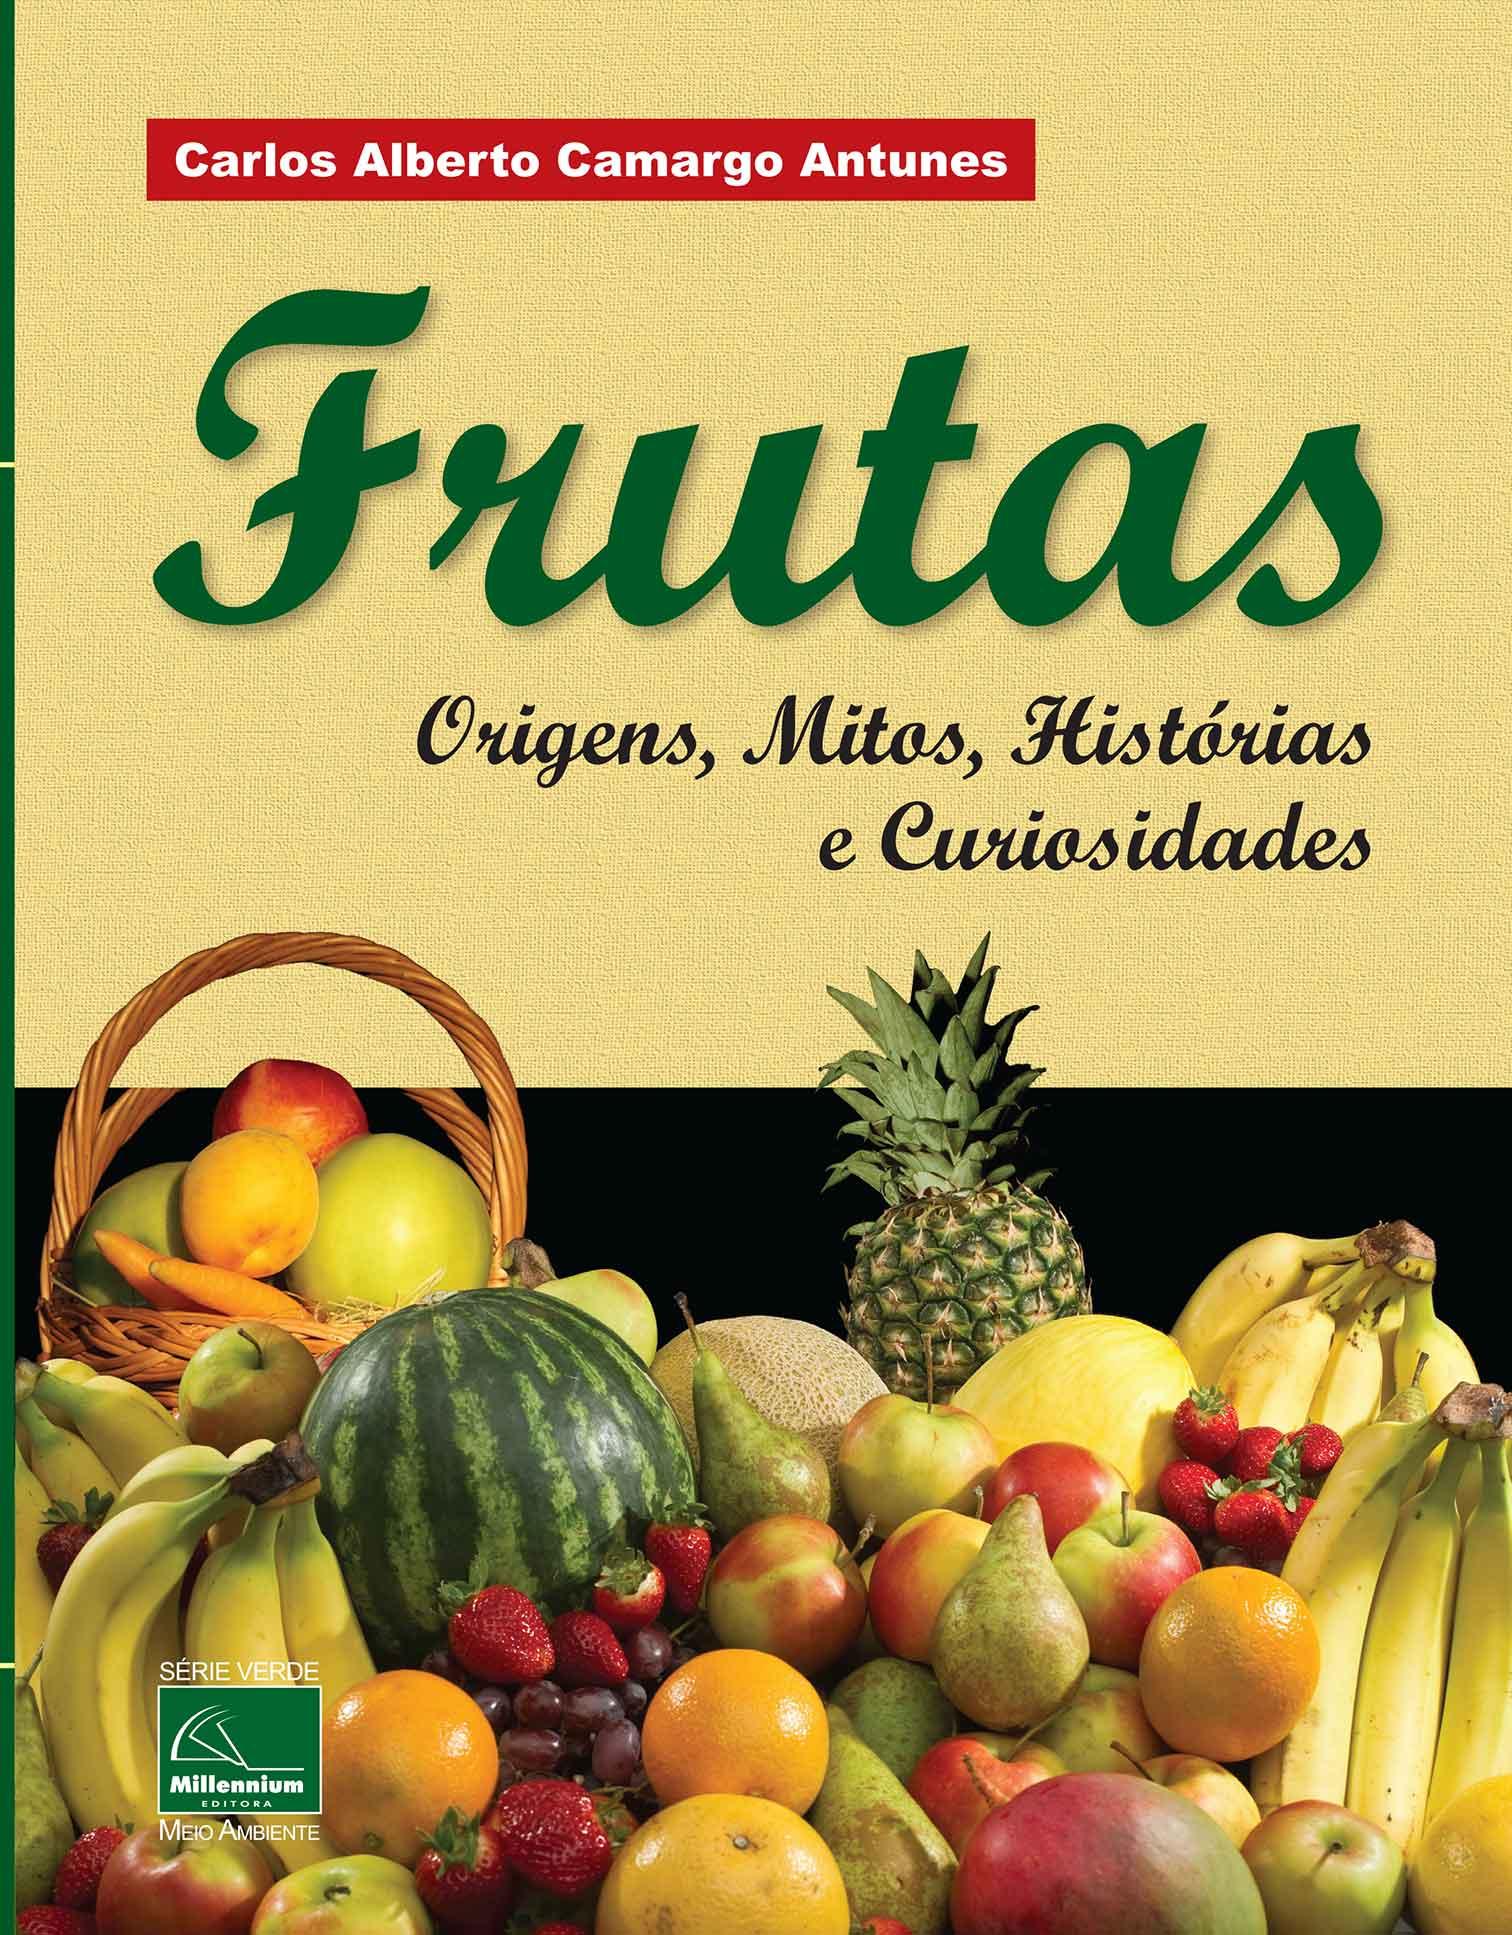 Frutas - Origens, Mitos, Histórias e Curiosidades <b>Autor: Carlos Alberto Camargo Antunes</b>  - Millennium Editora - Livros de Perícia